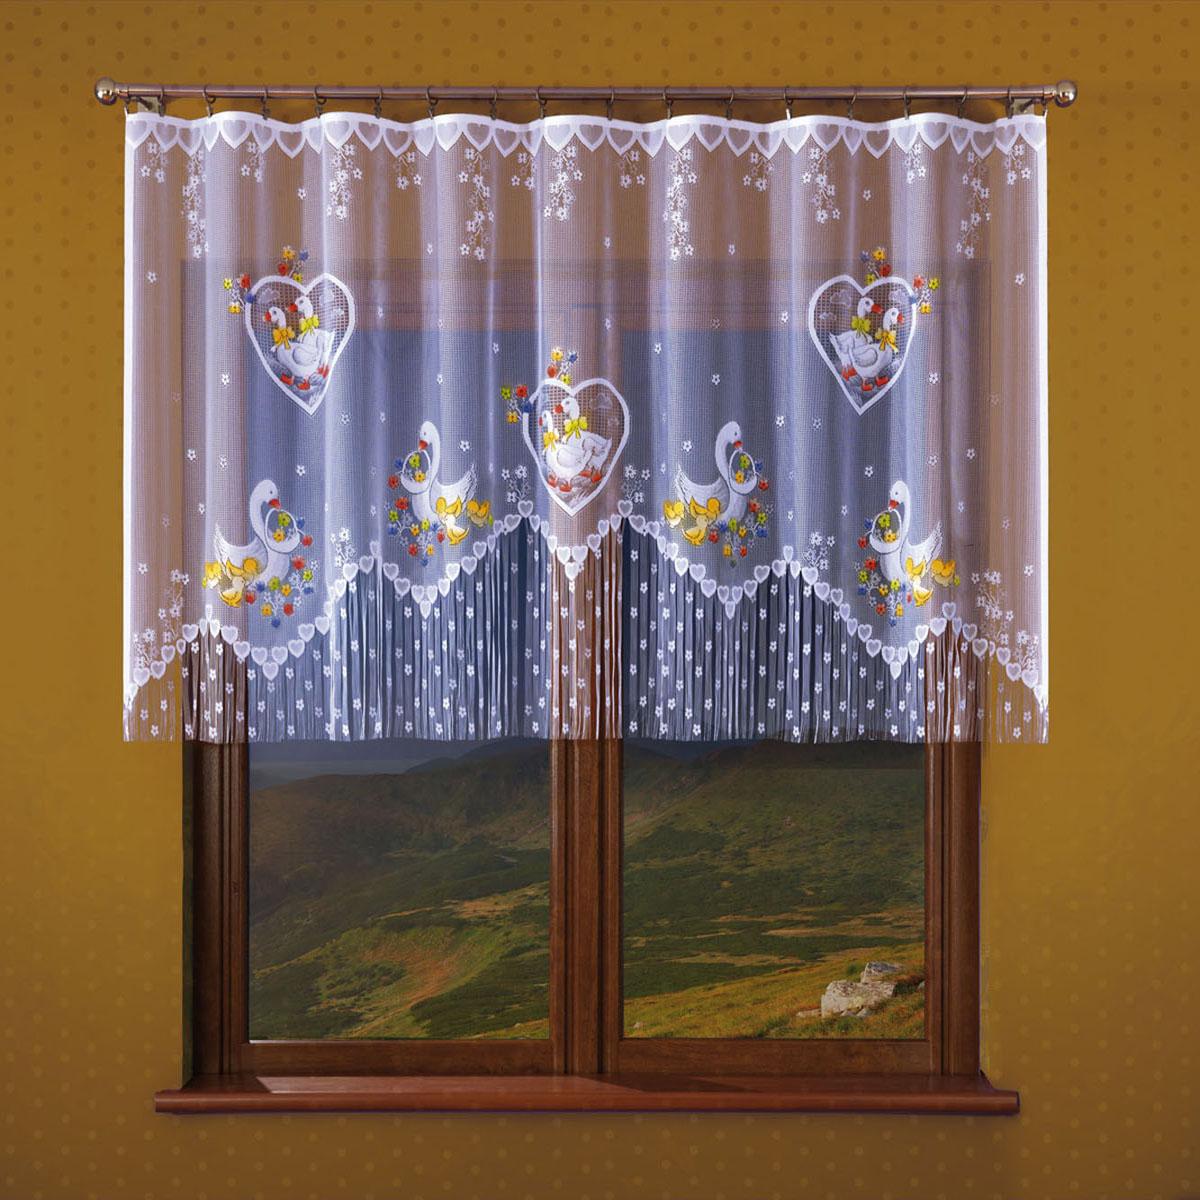 Гардина Wisan, цвет: белый, ширина 250 см, высота 120 см. 179Е179Евид крепления - под зажимы для штор Размеры: ширина 250*высота 120